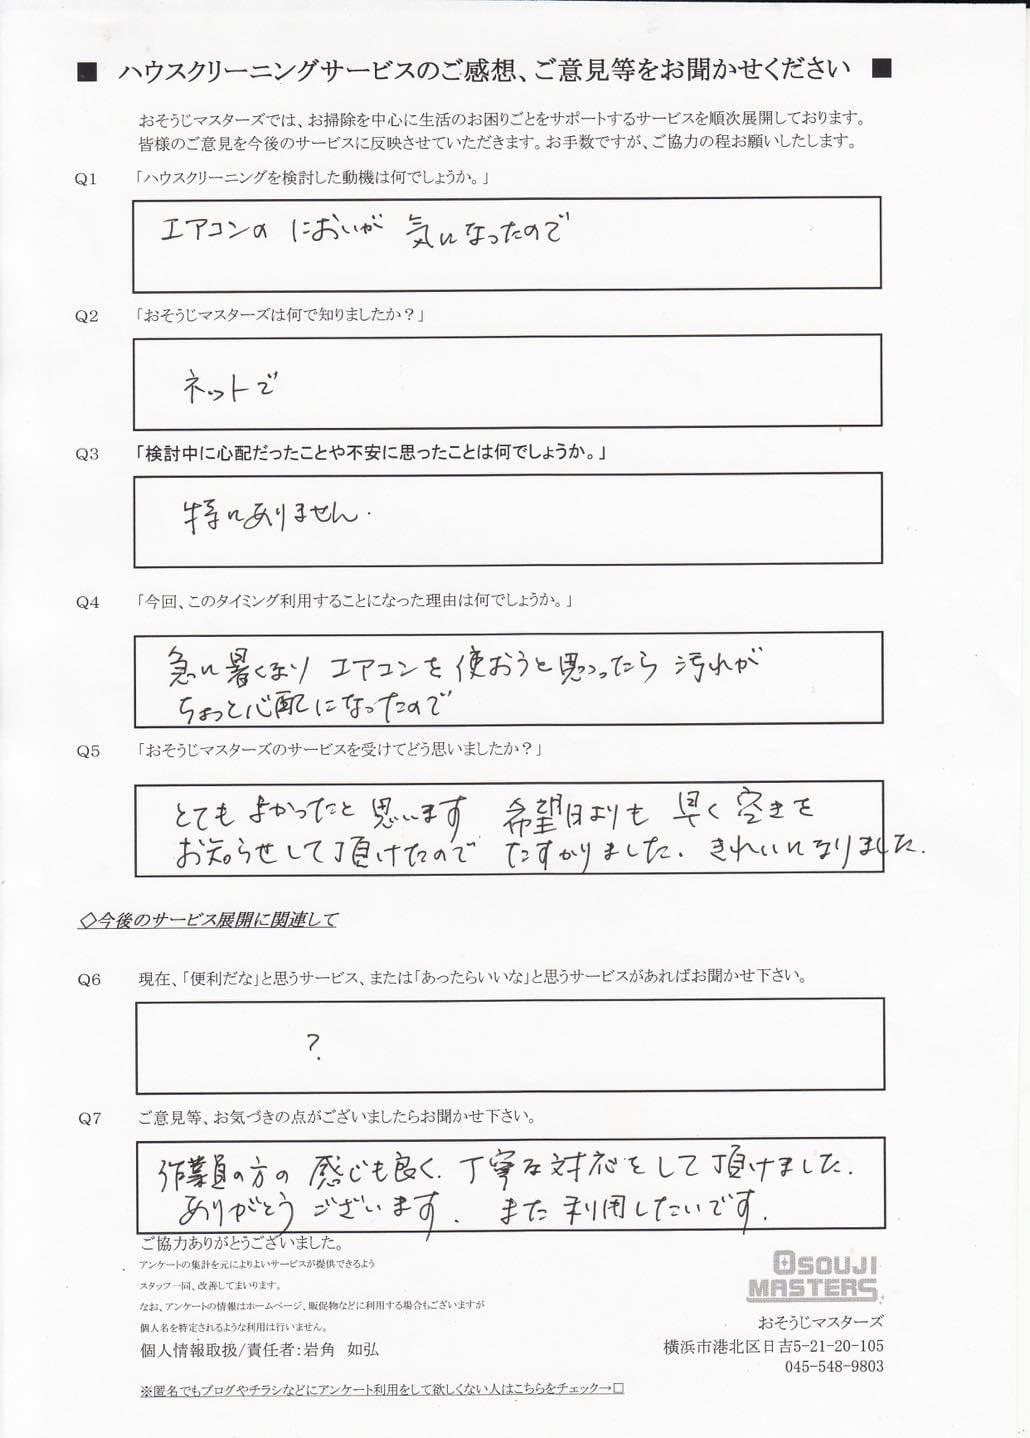 2015/07/17 エアコンクリーニング 【横浜市都筑区】